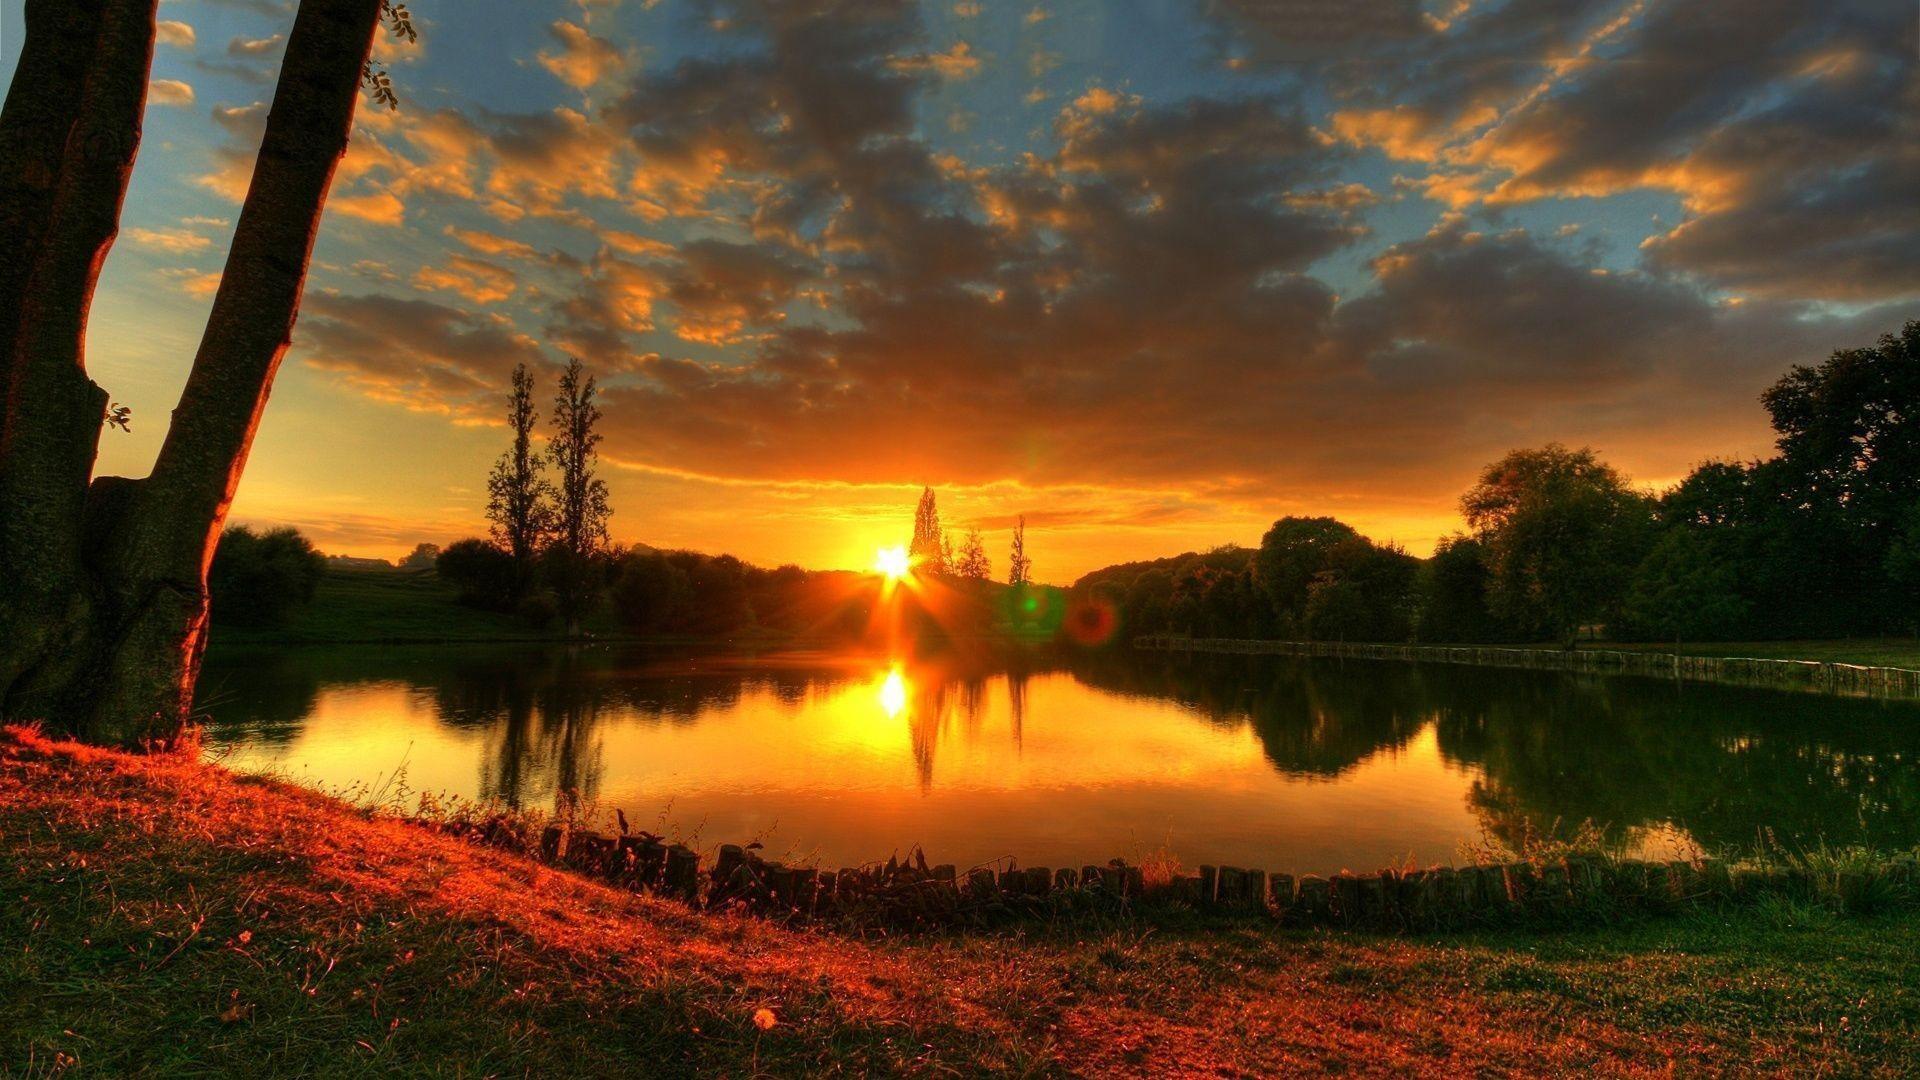 HD Quality Summer Sunset HD Wallpaper 23 Widescreen Full Size .